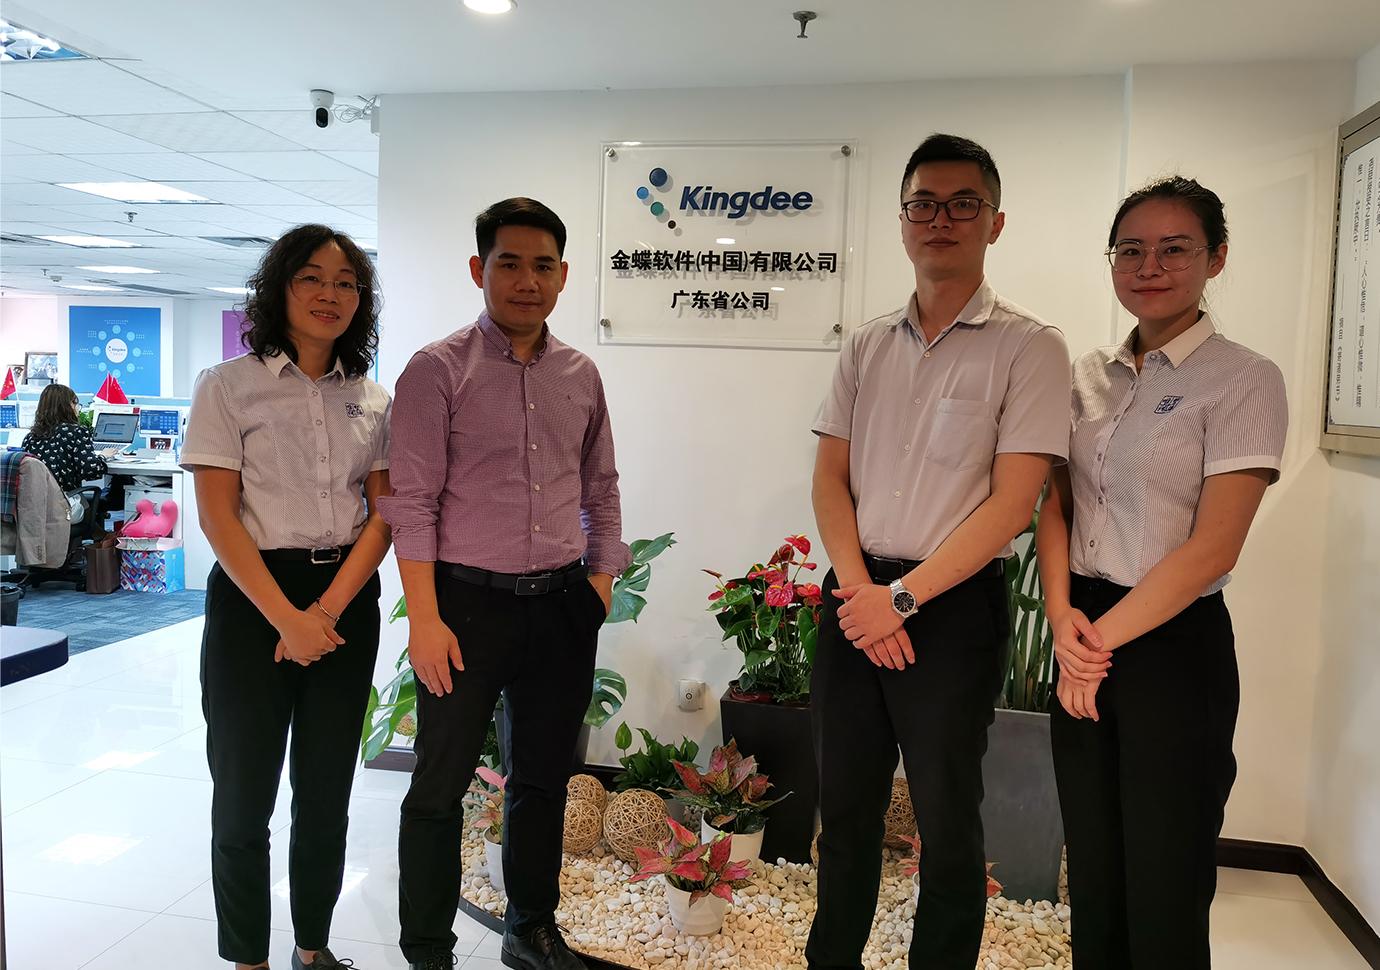 金蝶软件(中国)有限公司广州分公司 (1)